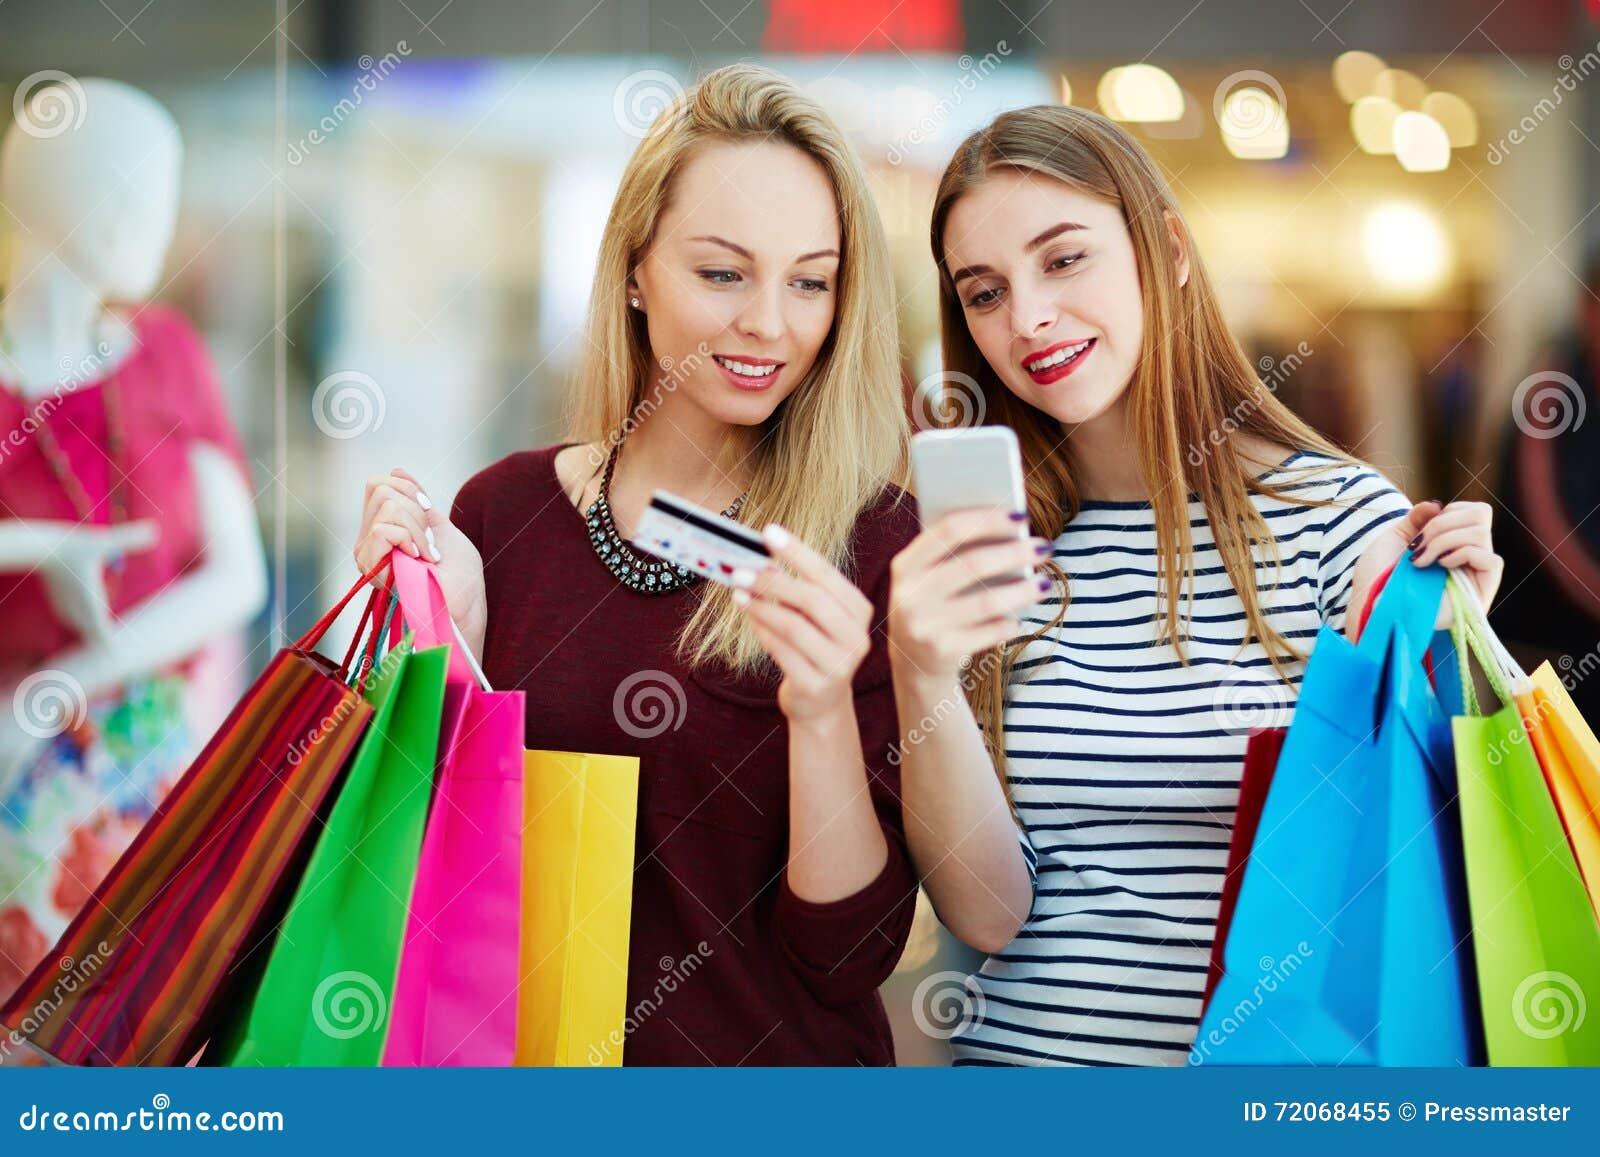 Сообщение во время покупок